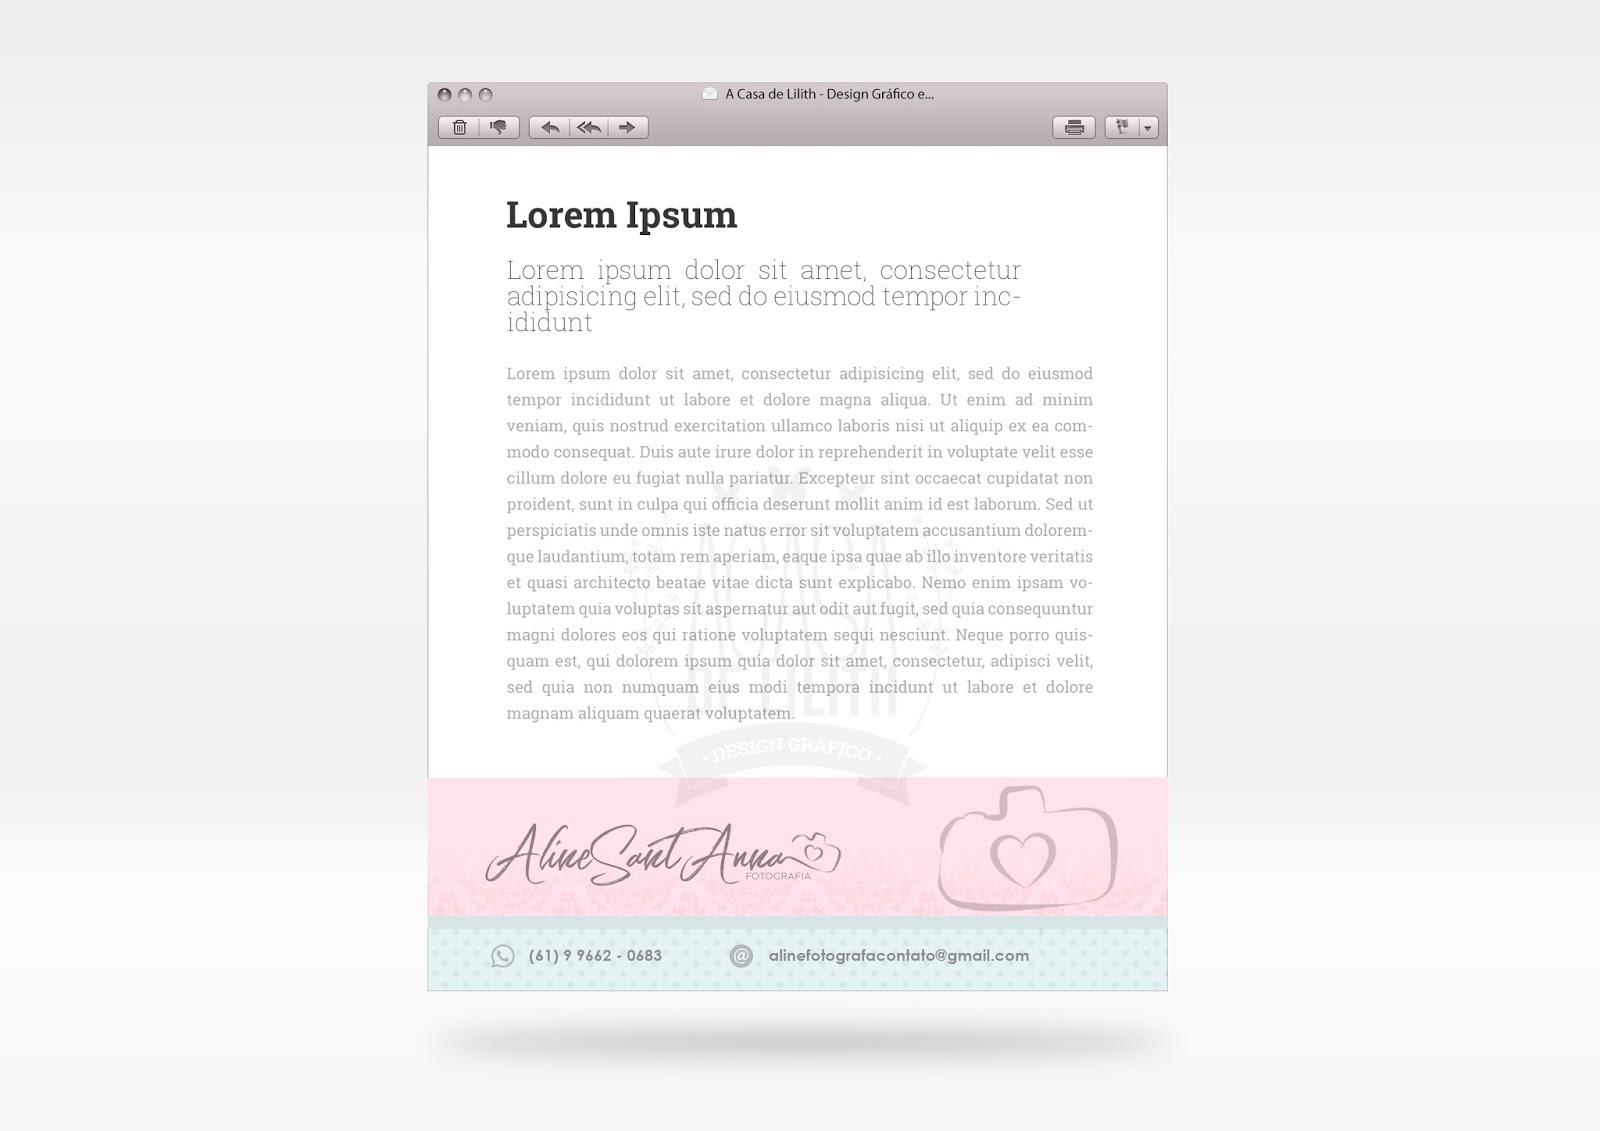 Identidade Visual para Fotógrafa - Newborn e Gestantes: Logotipo, Assinatura de Email, Cartão de Visita e Papel Timbrado